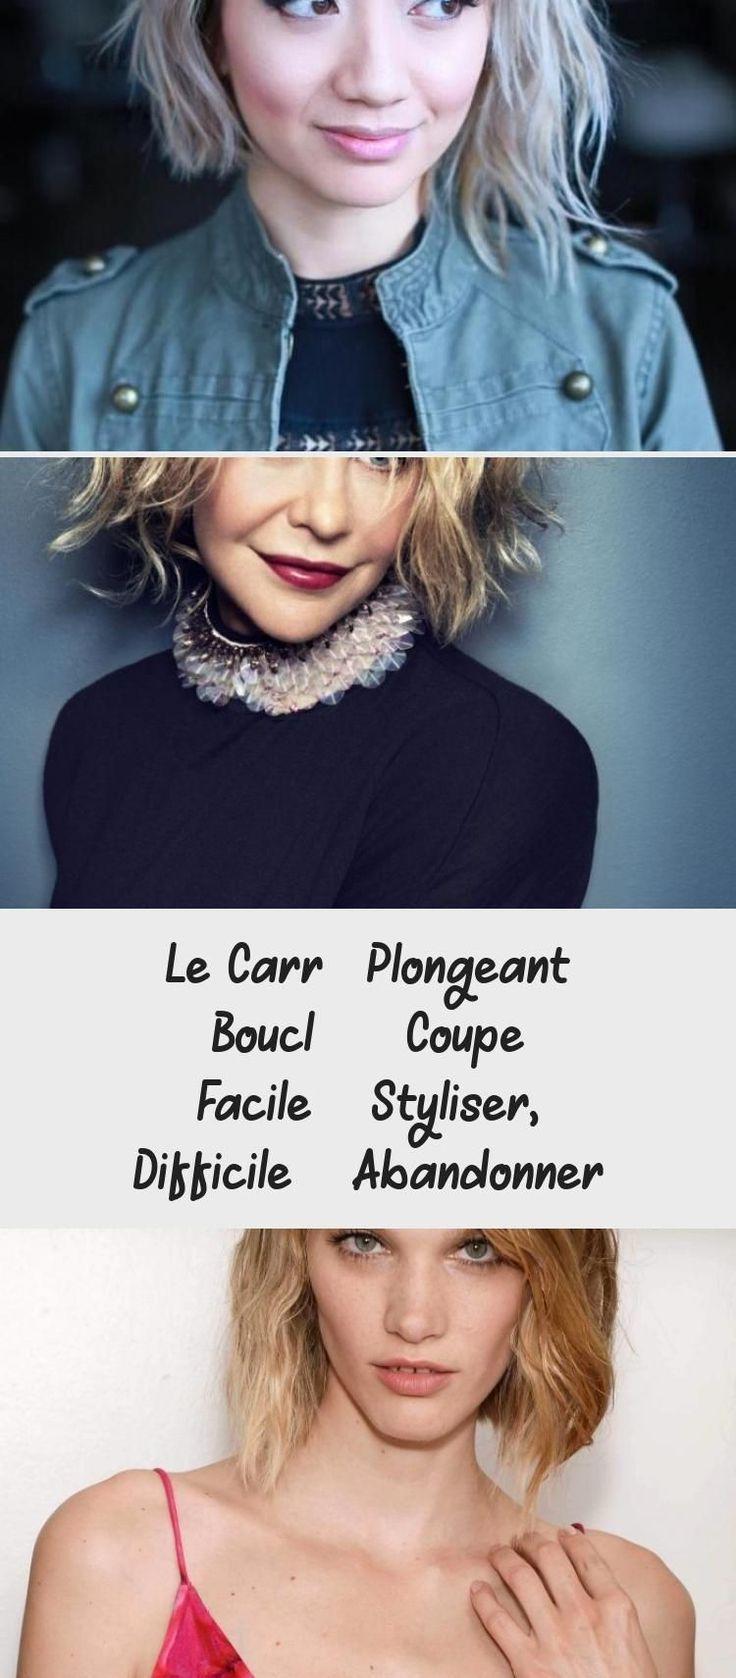 Le Carré Plongeant Bouclé - Coupe facile à styliser, difficile à abandonner - Cheveux - Cheveux ...